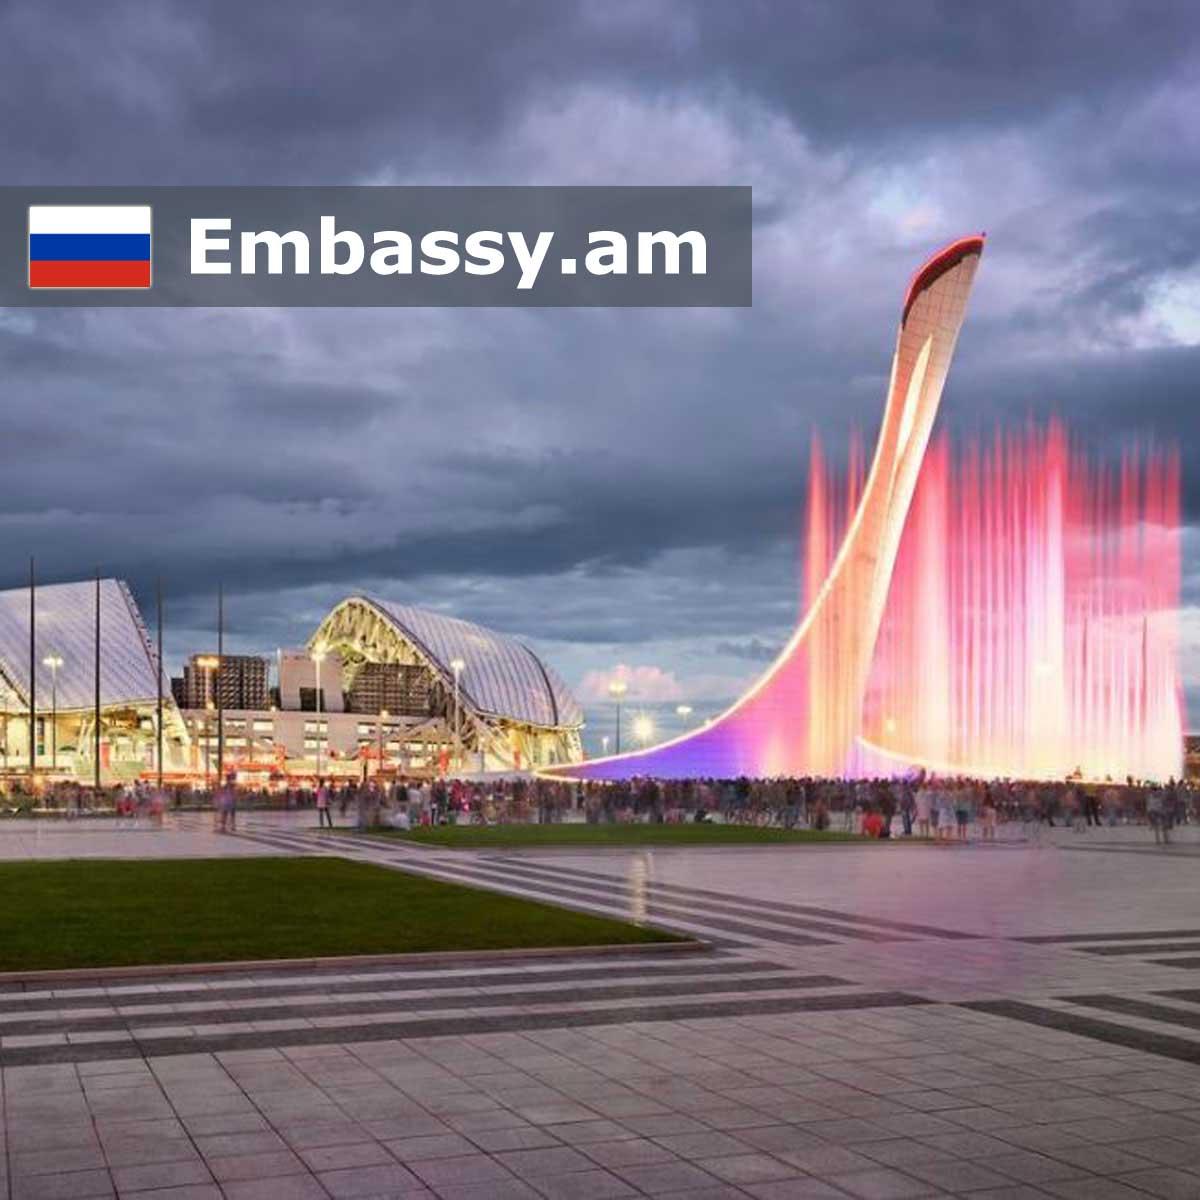 Sochi - Hotels in Russia - Embassy.am